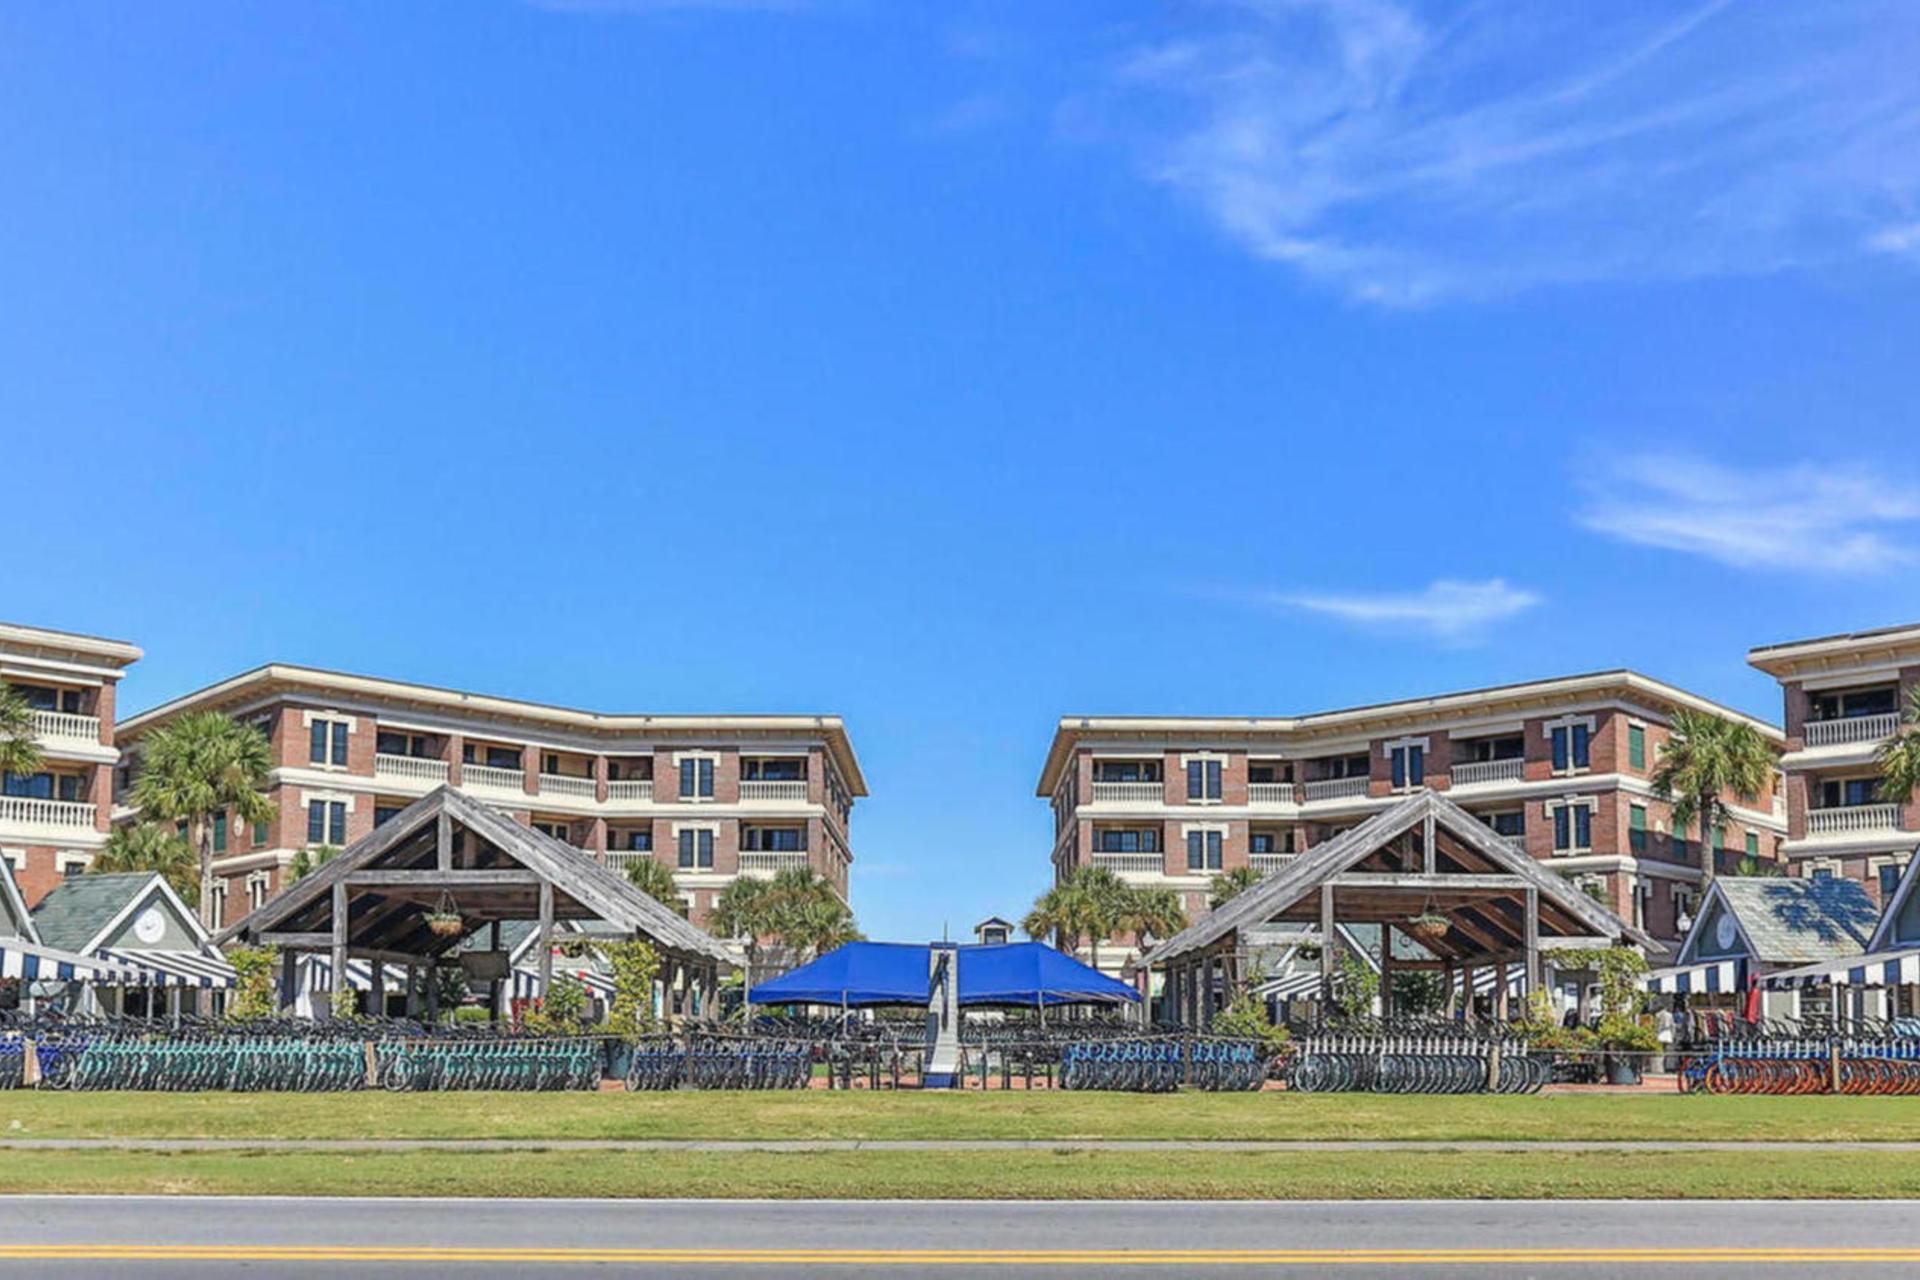 73 Seacrest Beach Boulevard  Photo 72